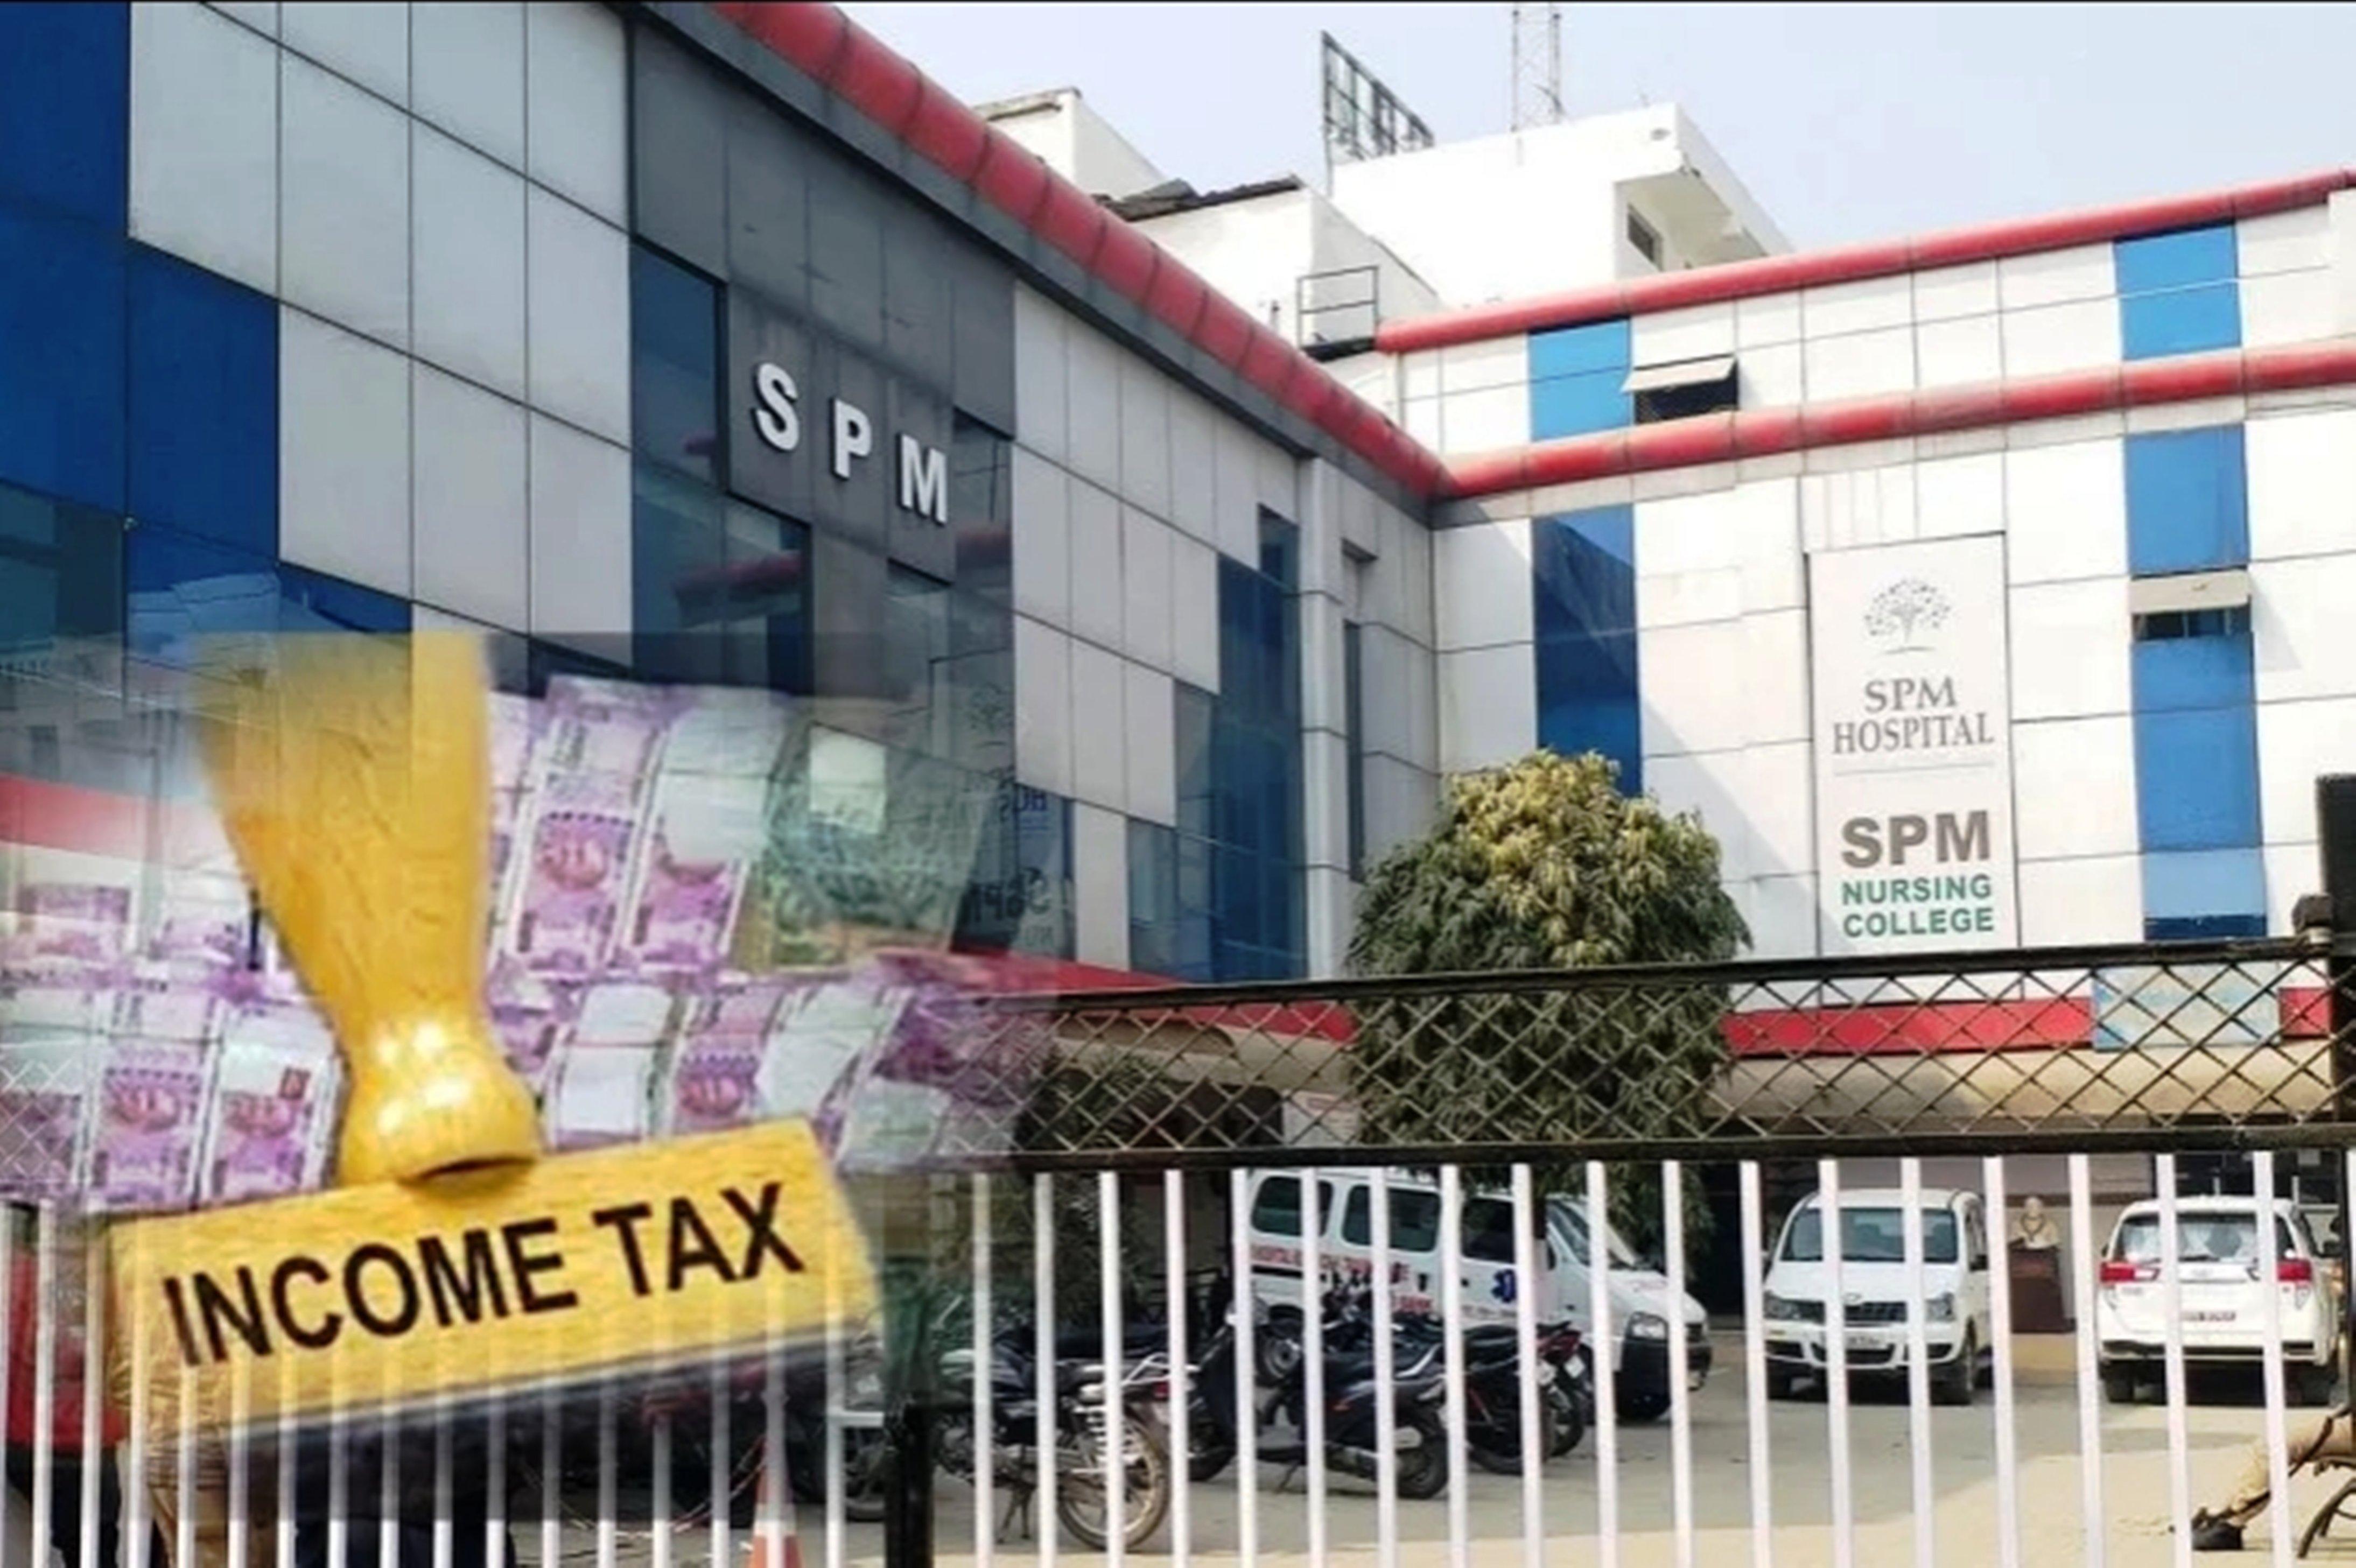 PM की नोटबंदी के जाल मे फंसे शर्मा जी, IT ने पकड़ी करोड़ों की टैक्स चोरी